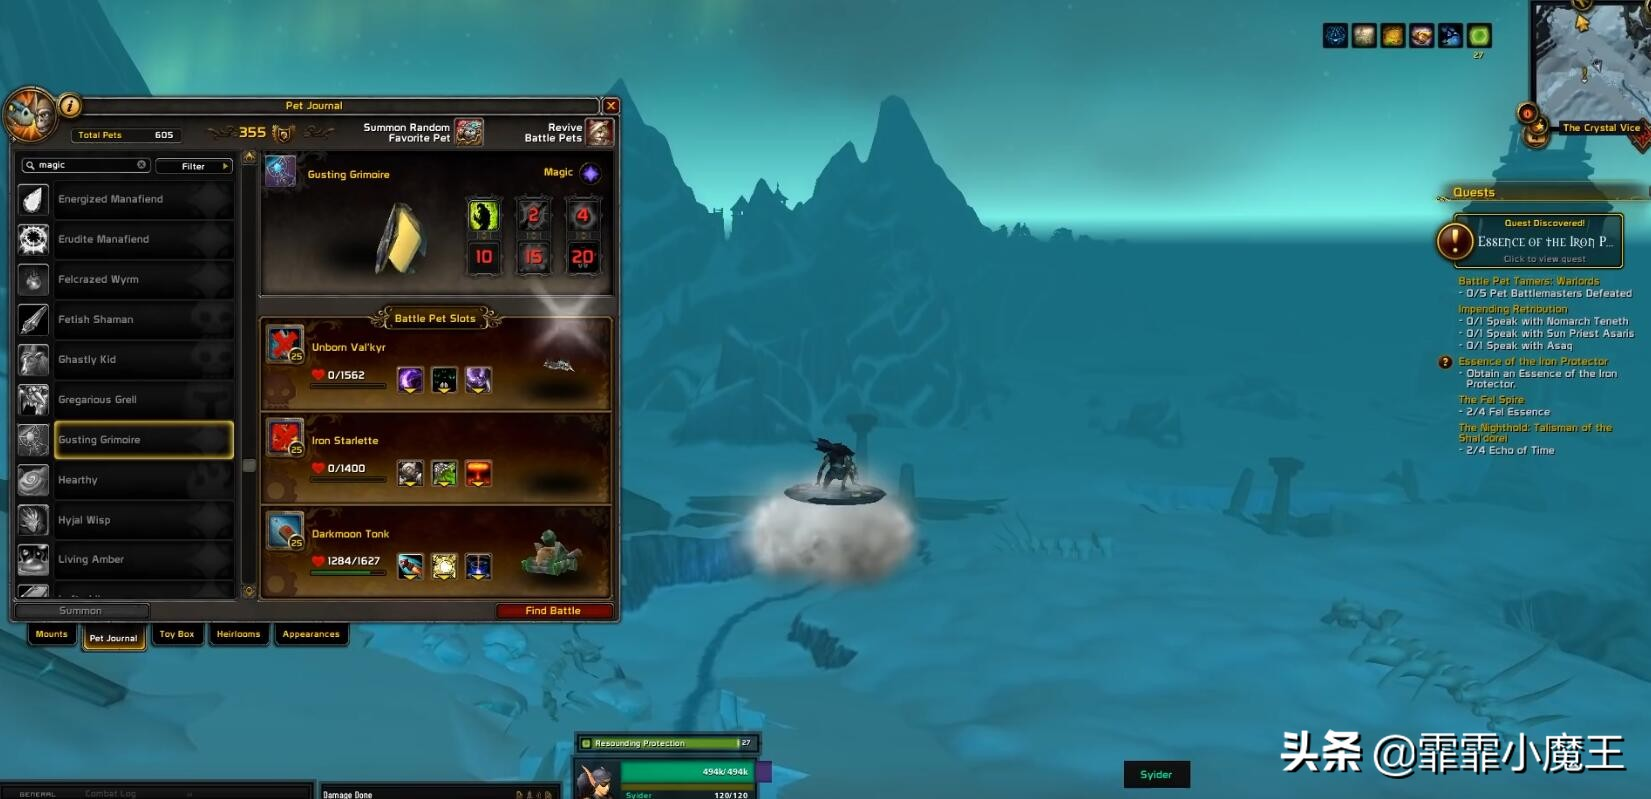 """魔兽世界9.0,暴雪送坐骑,玩家自己选,绿色""""幽灵虎""""待加入  第3张"""